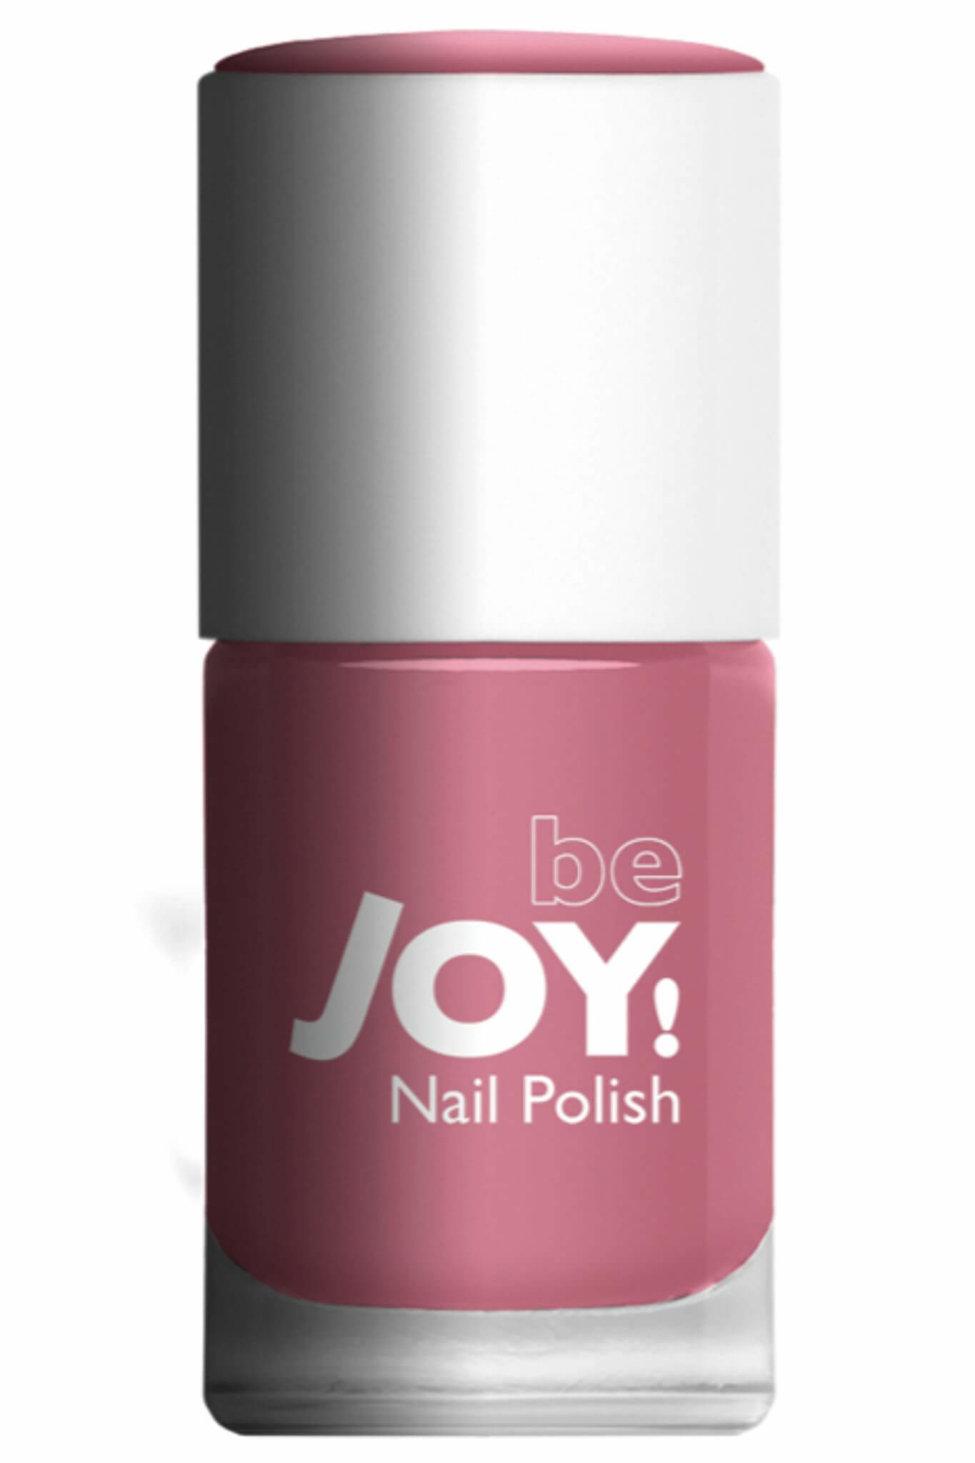 Be joy nail polish σάπιο μήλο